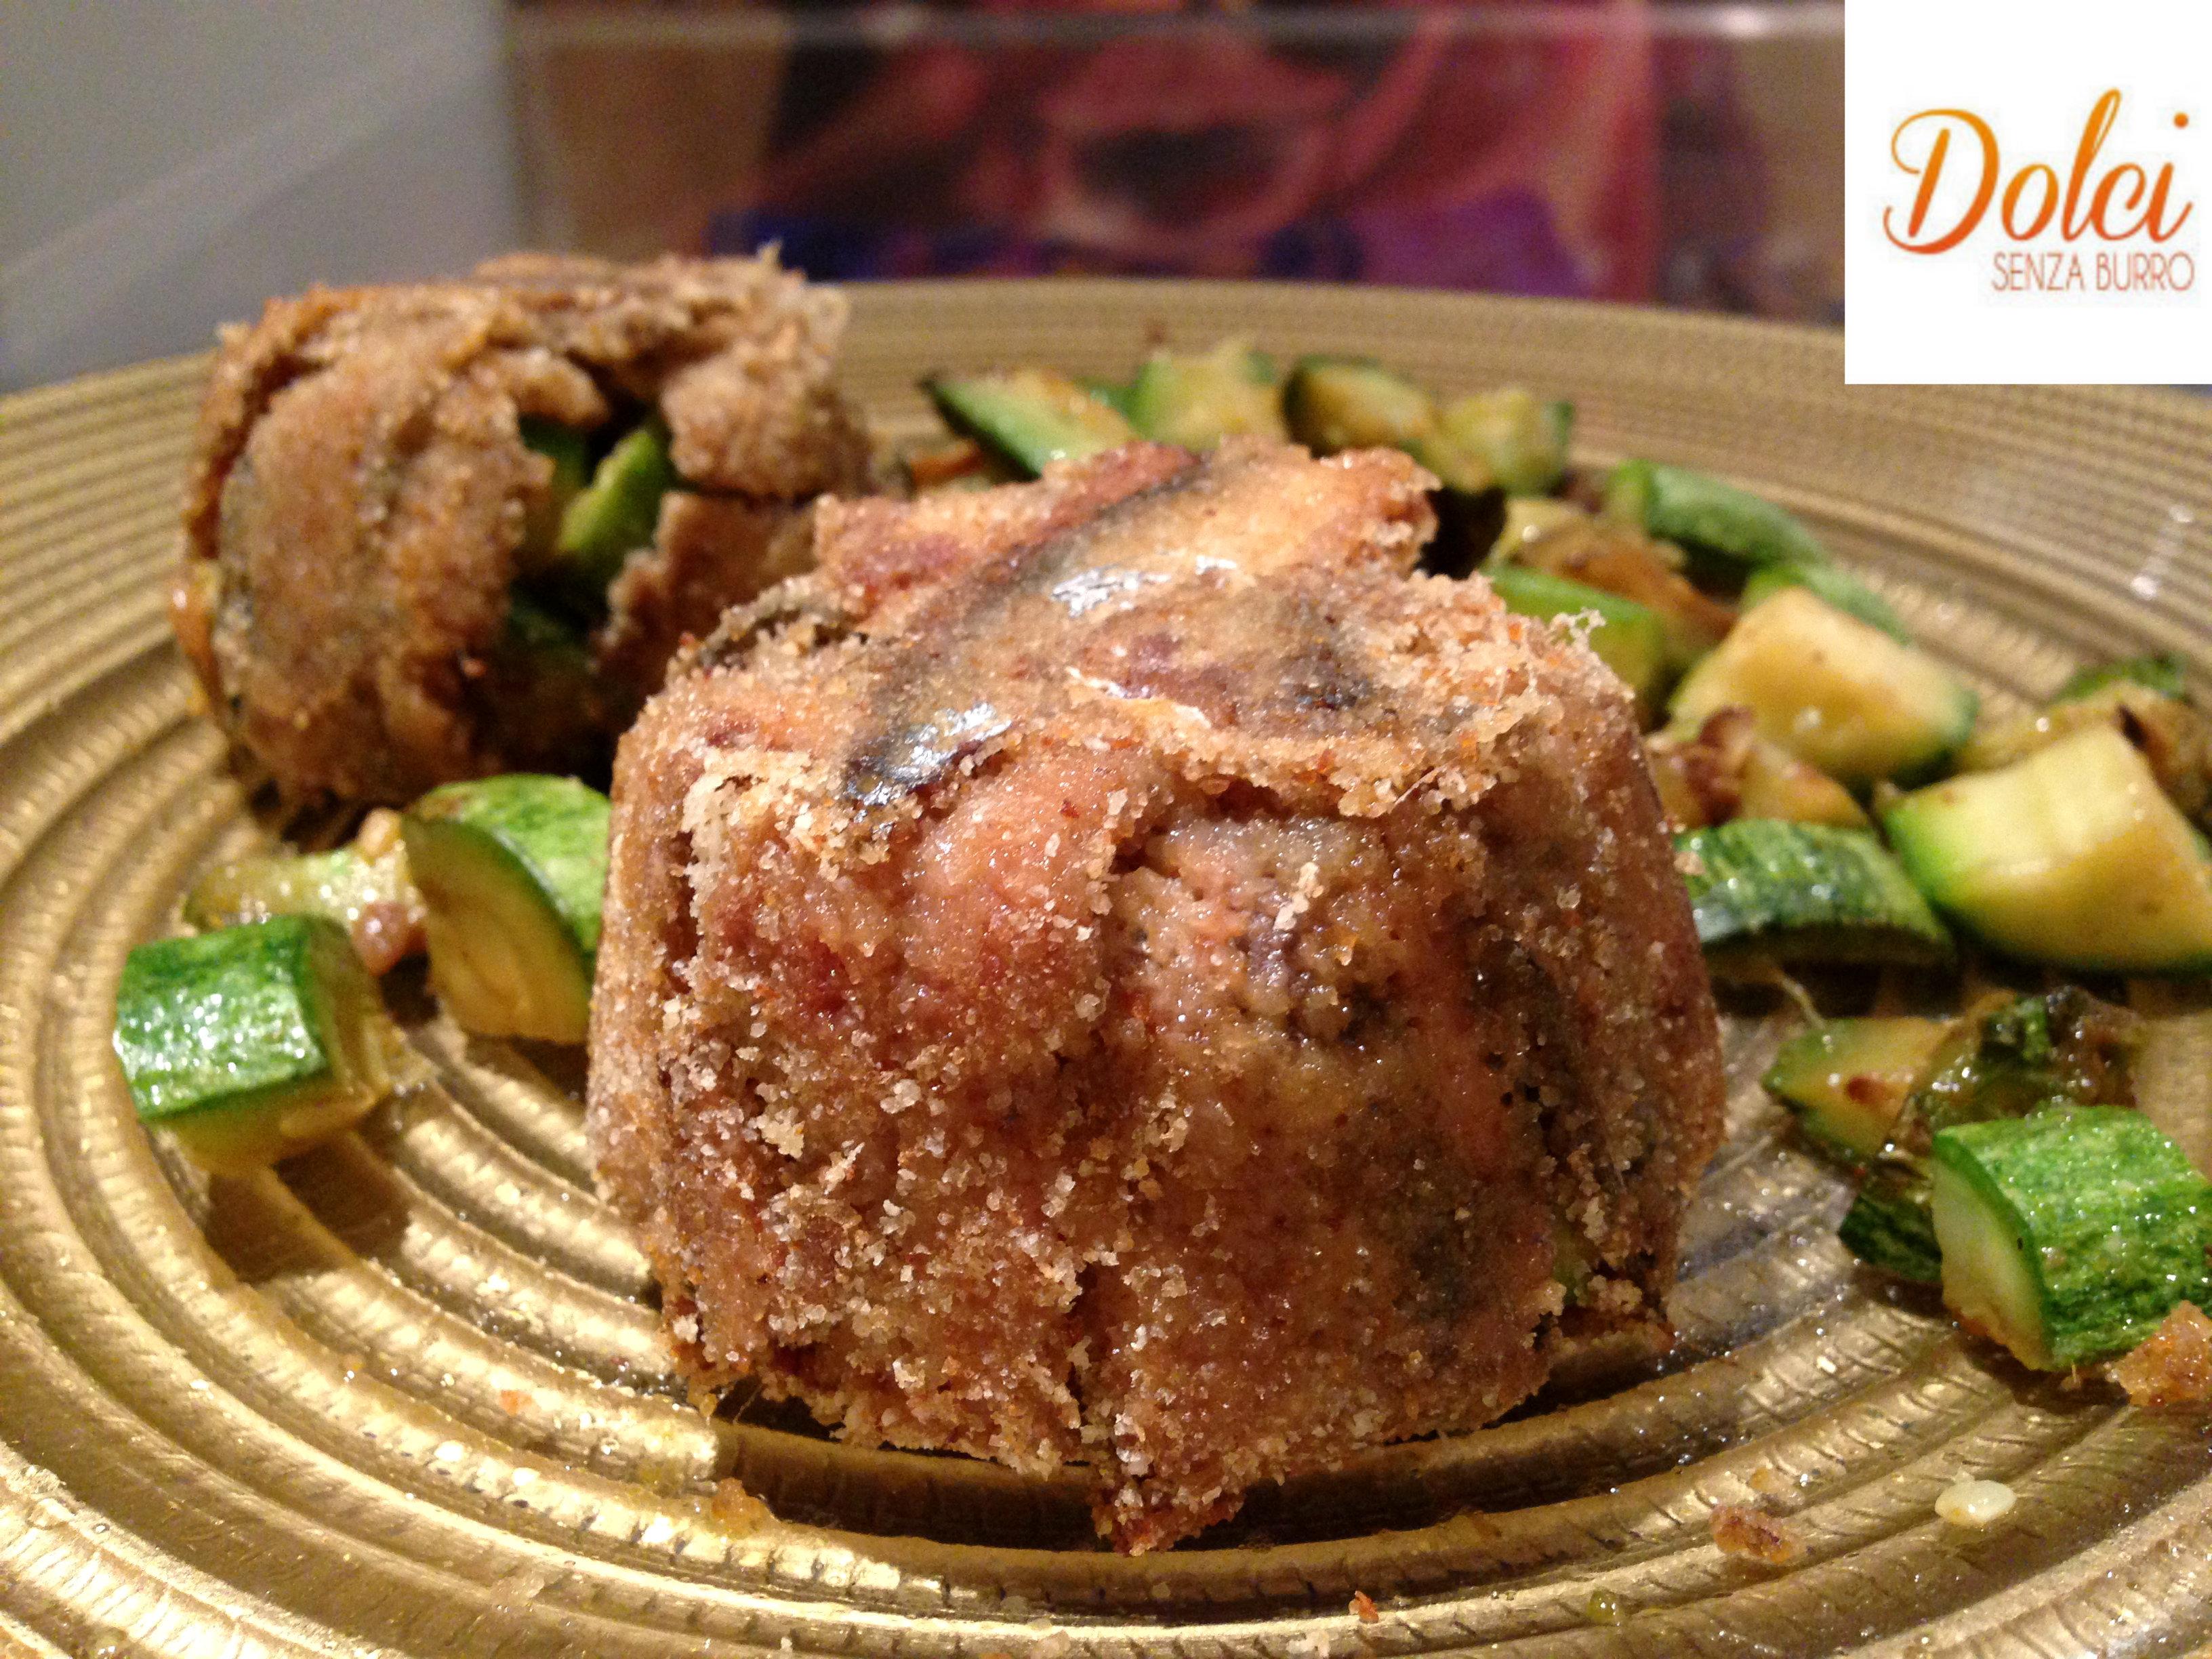 Tortino di Zucchine e Alici, il piatto veloce e goloso di Dolci Senza Burro